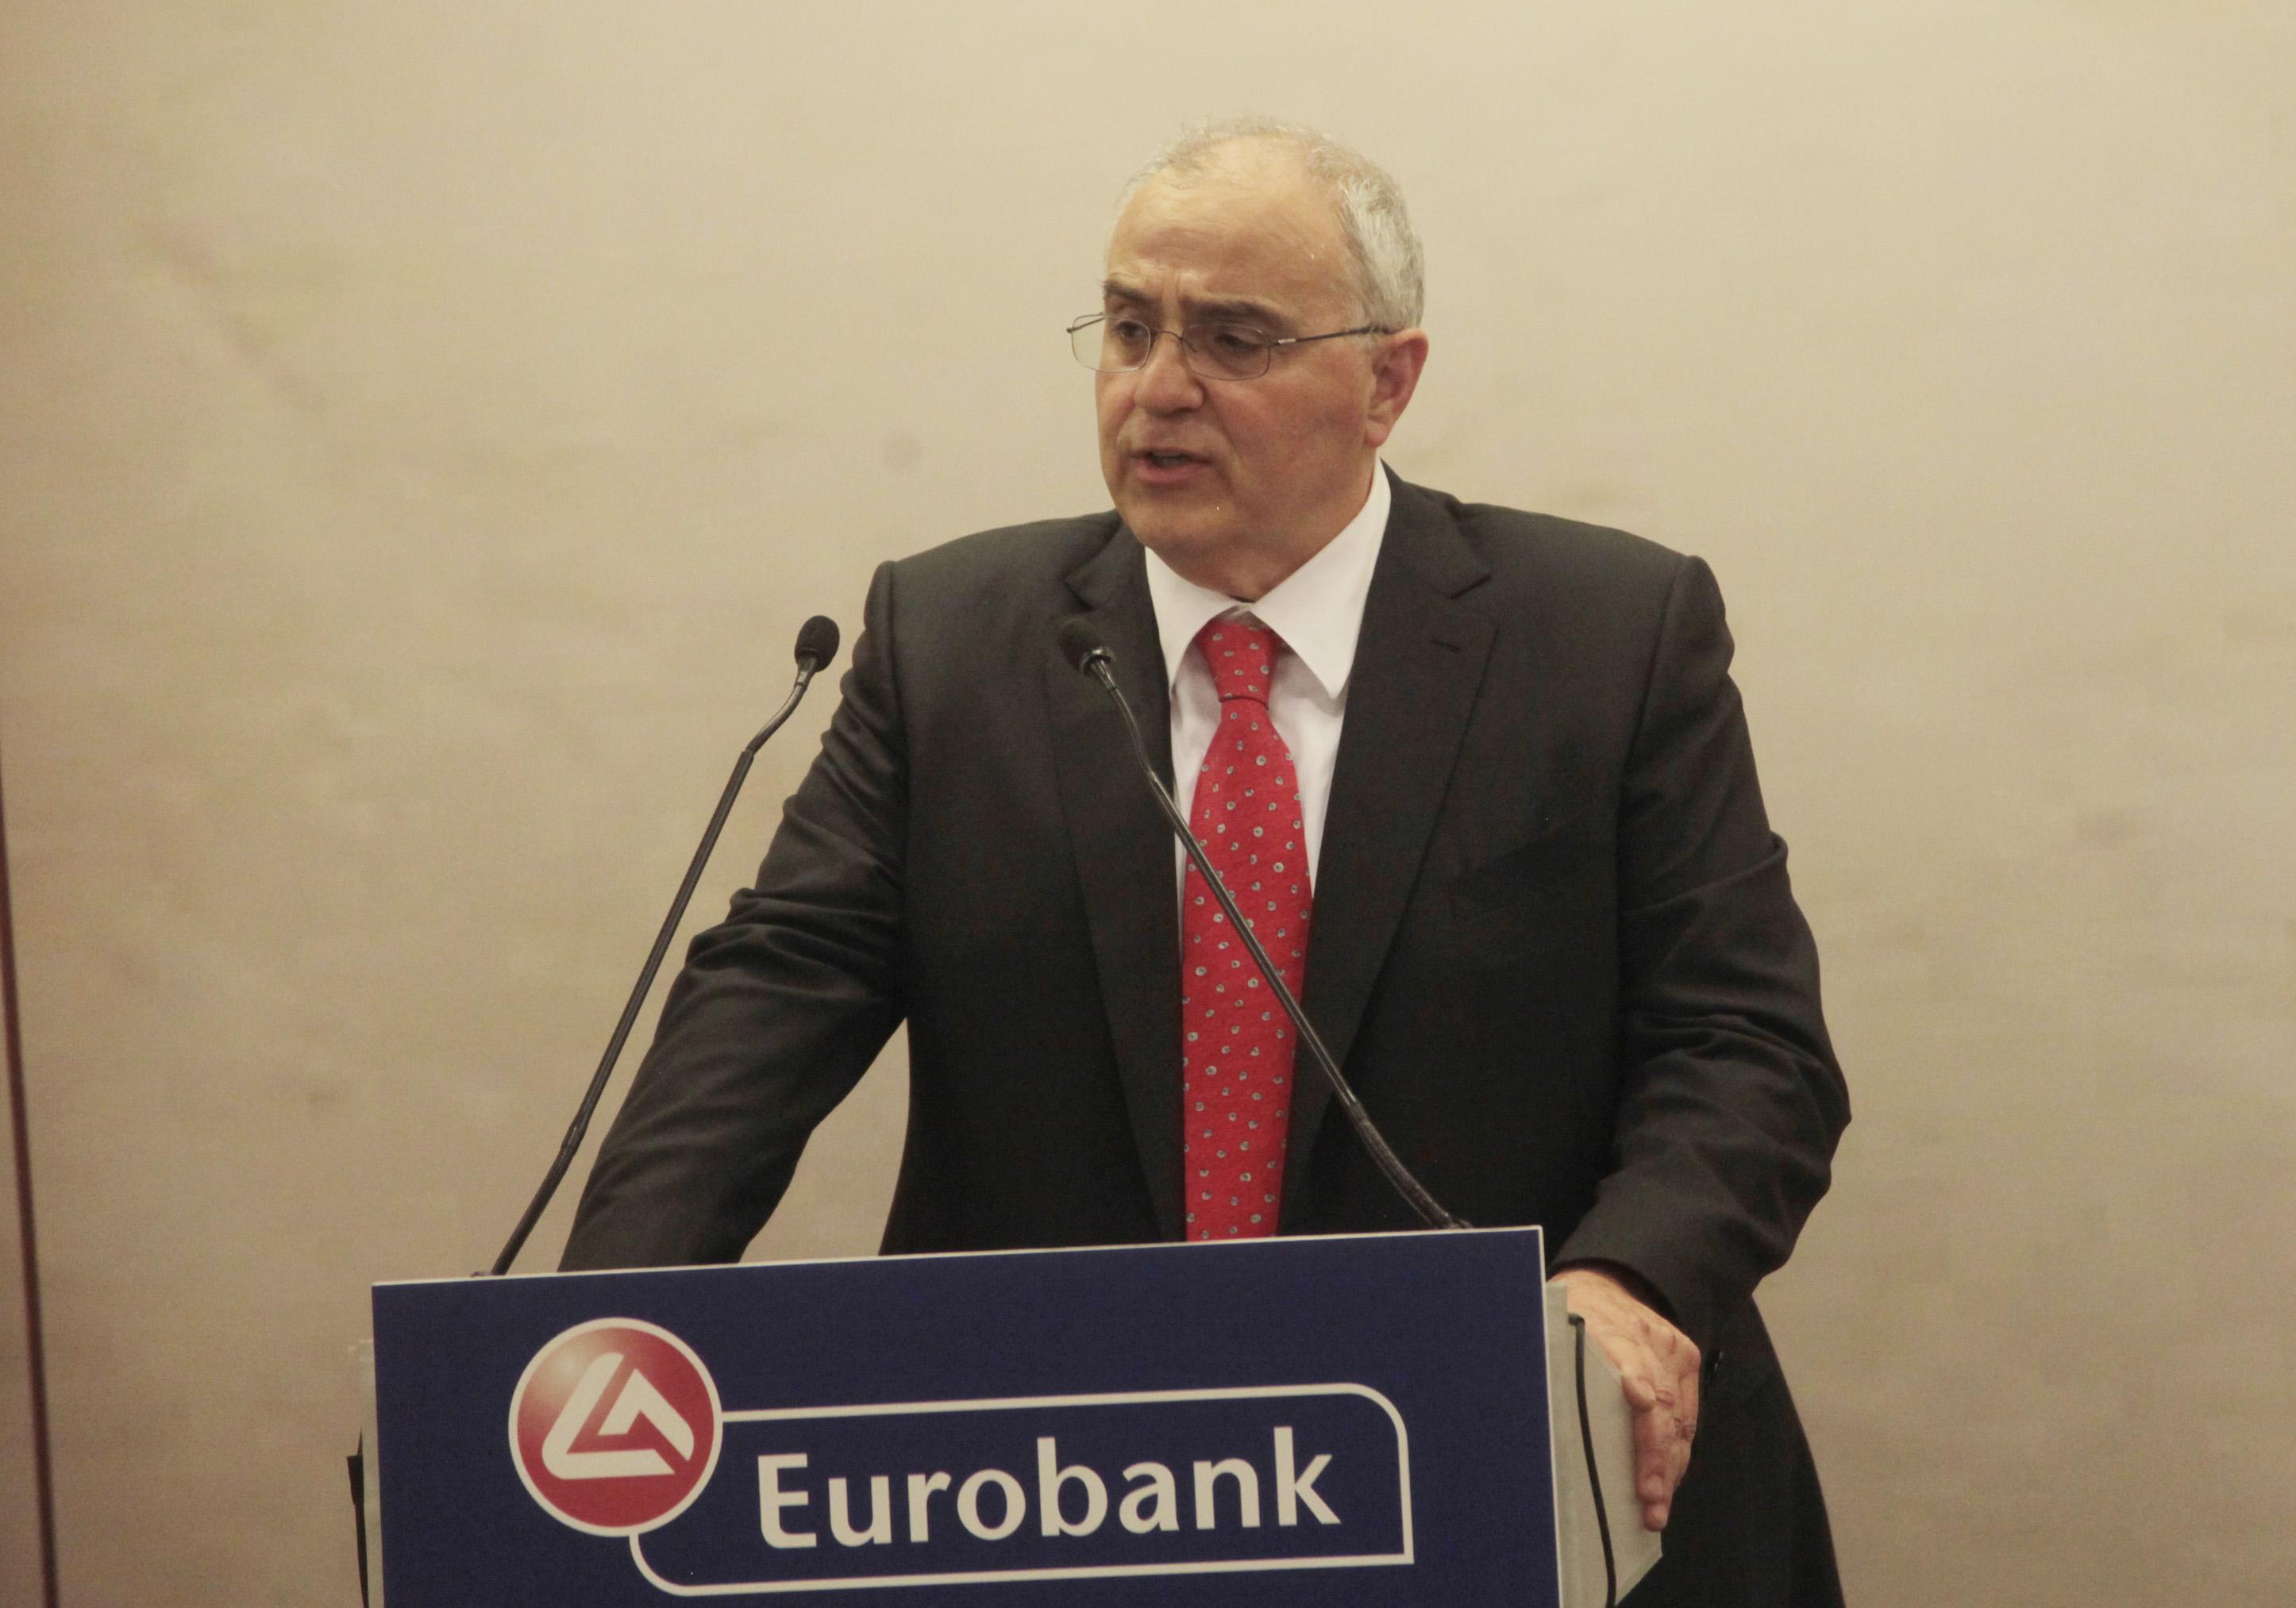 Καραμούζης στον ΣΕΒ: Οι τράπεζες γυρίζουν σελίδα-Αιχμές κατά ΔΝΤ   tovima.gr